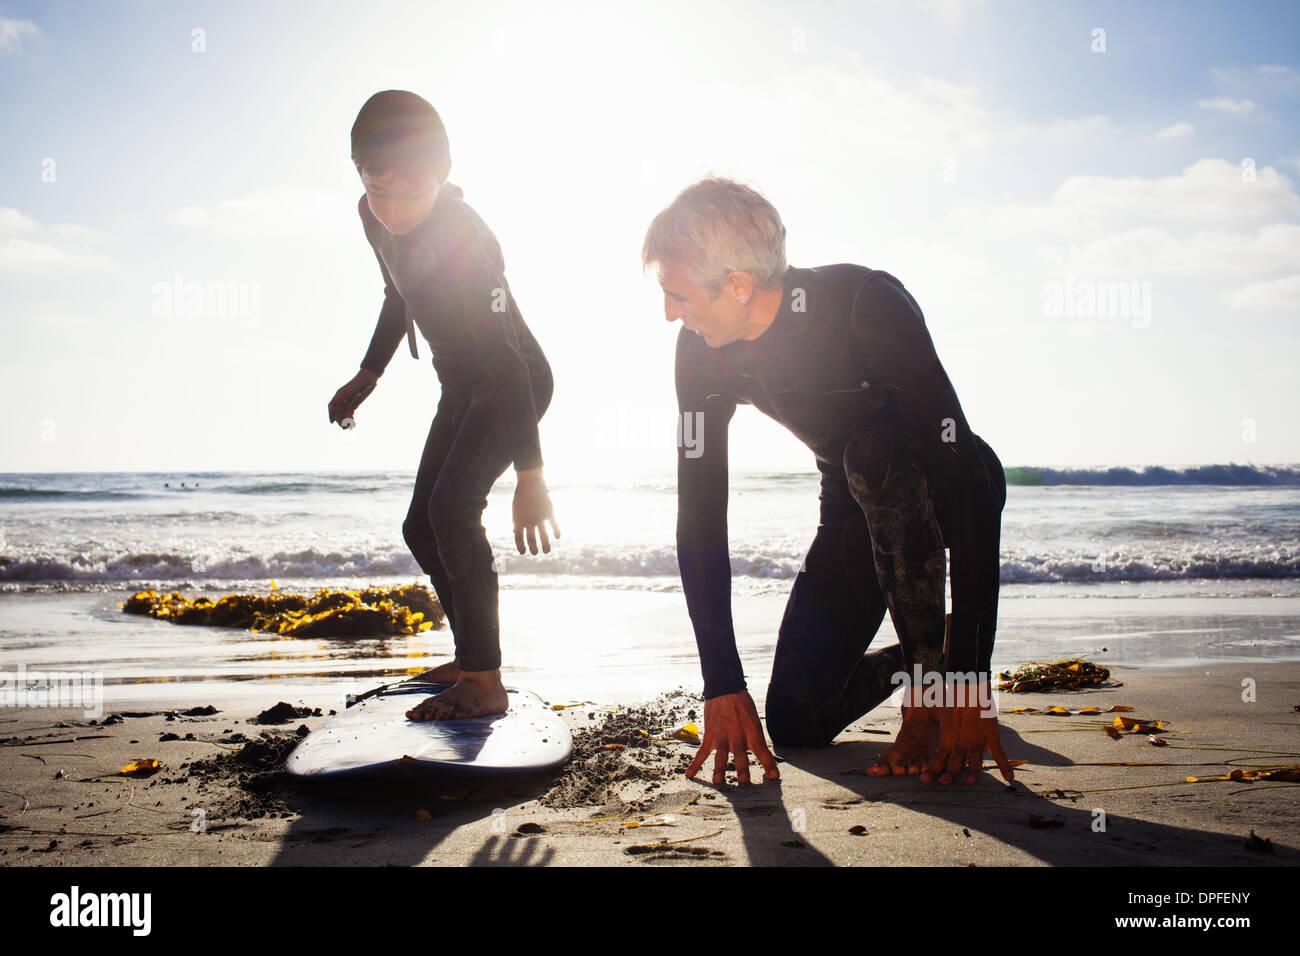 Père et fils pratiquant avec surfboard on beach, Encinitas, Californie, USA Photo Stock